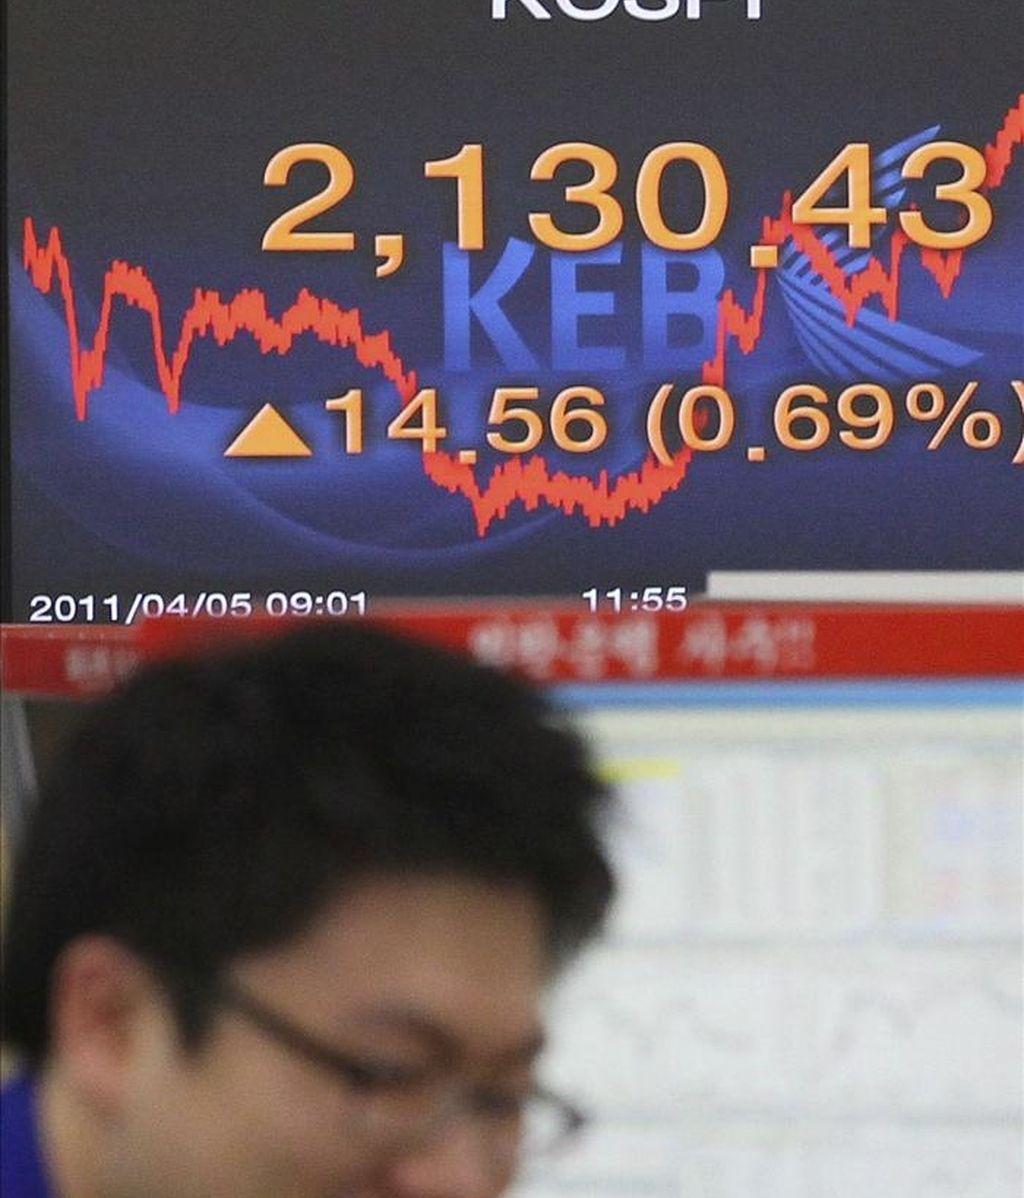 Una pantalla electrónica muestra el índice Kospi del mercado surcoreano.EFE/Archivo